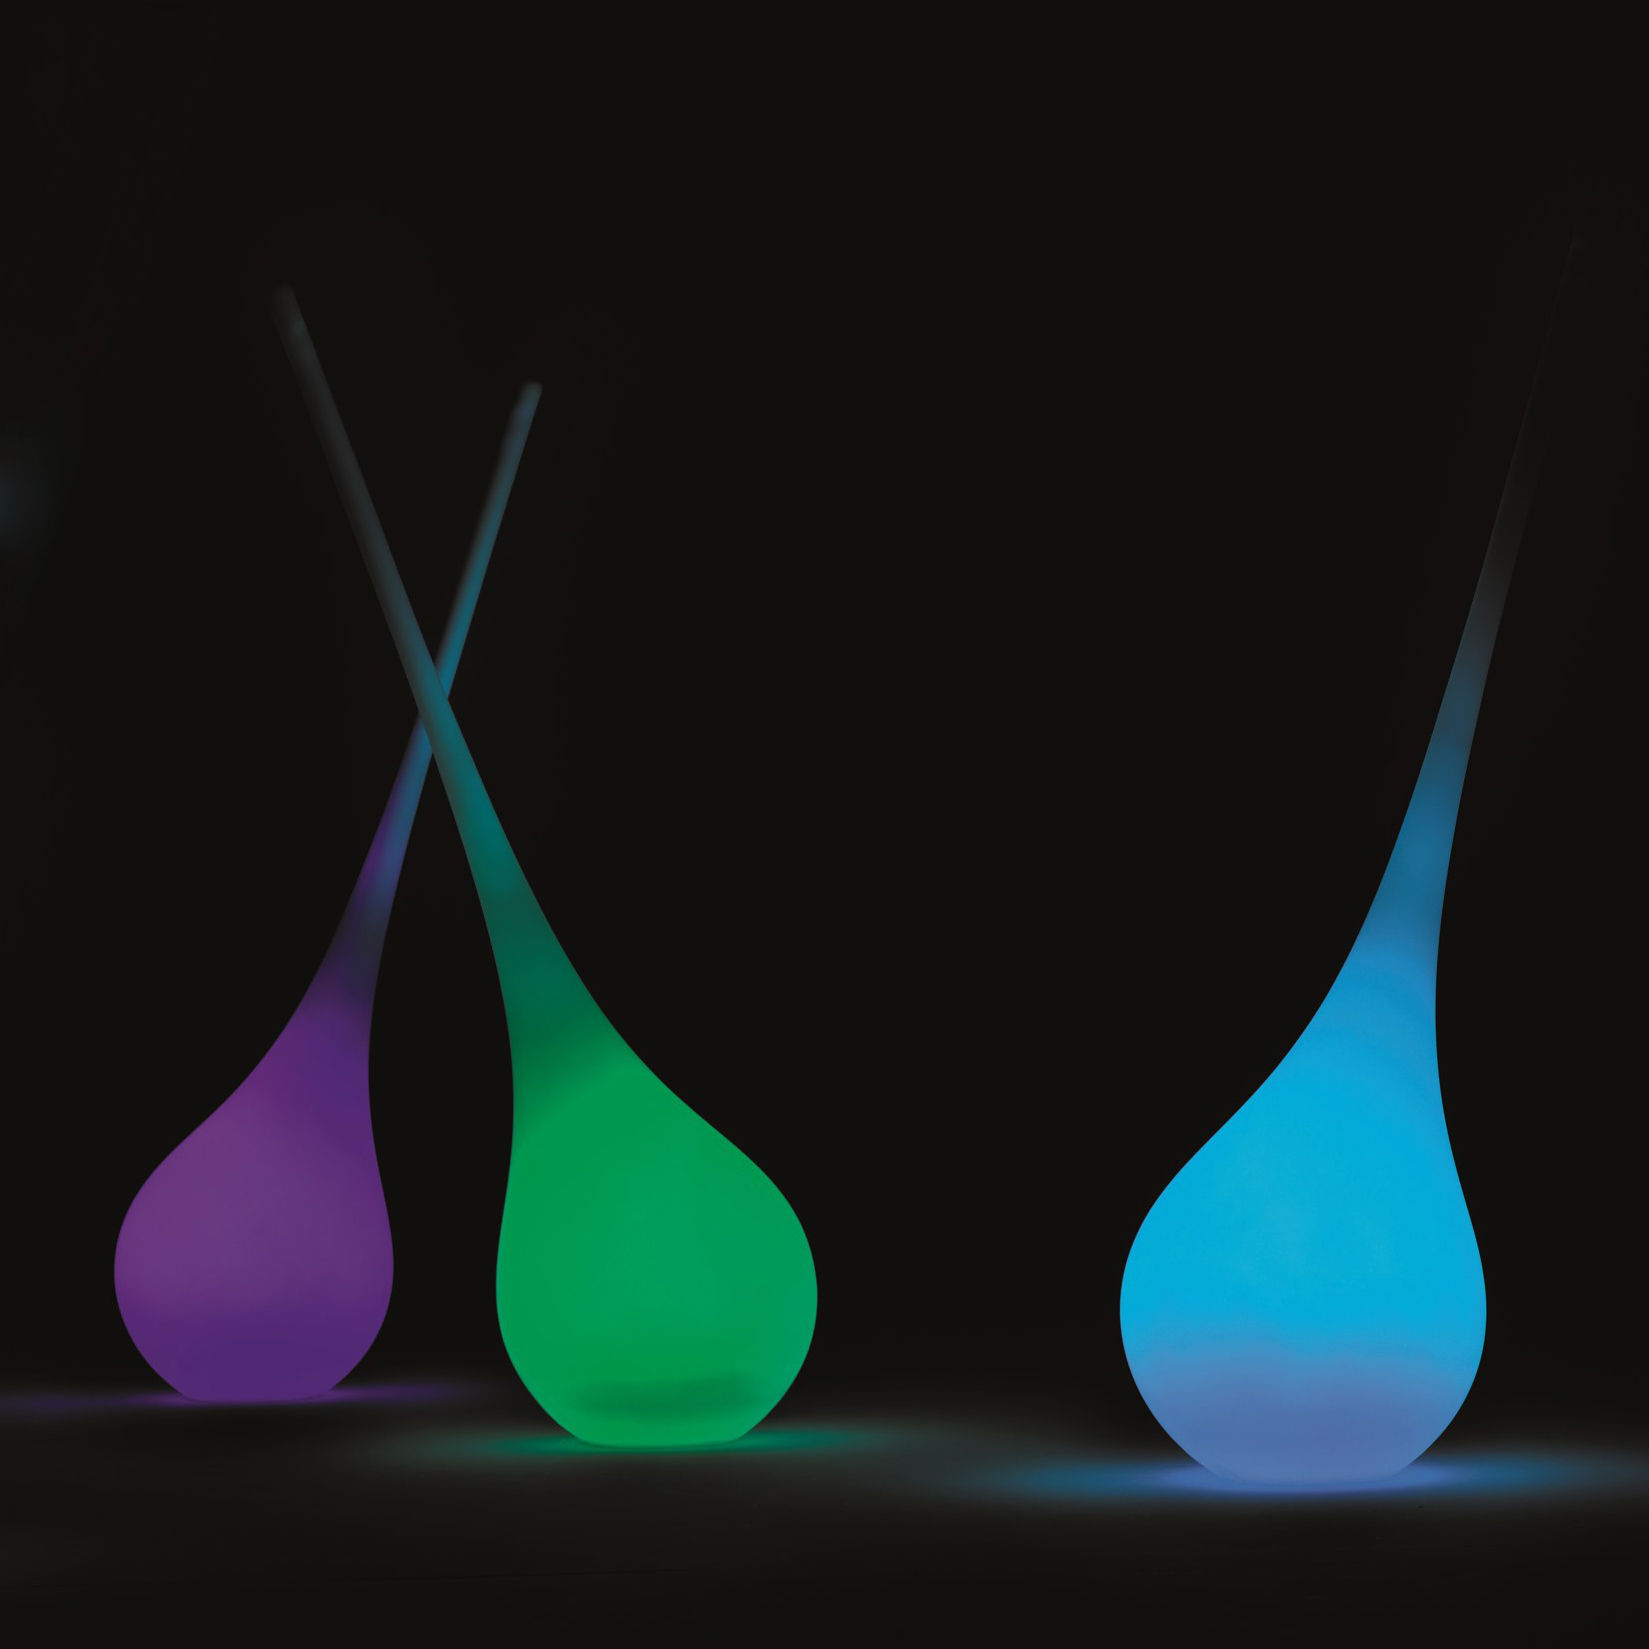 Déco - Vases - Lampe sans fil Ampoule Géant / Vase - H 205 cm - LED RGB - MyYour - Blanc / Lumière multicolore - Poleasy®